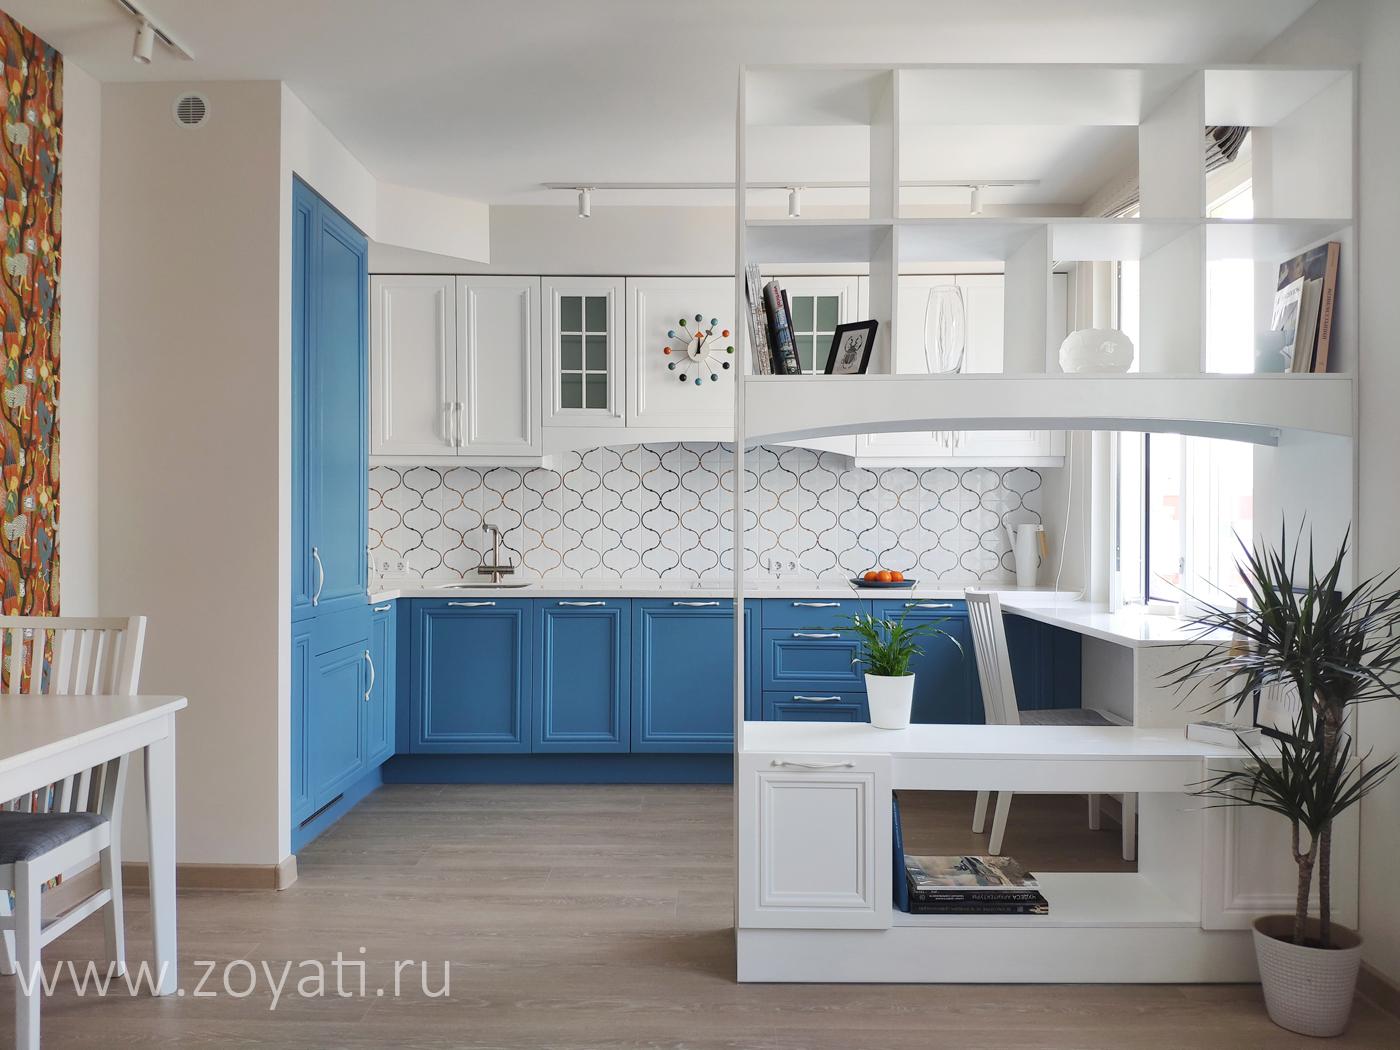 Дизайн-проект квартиры в скандинавском стиле